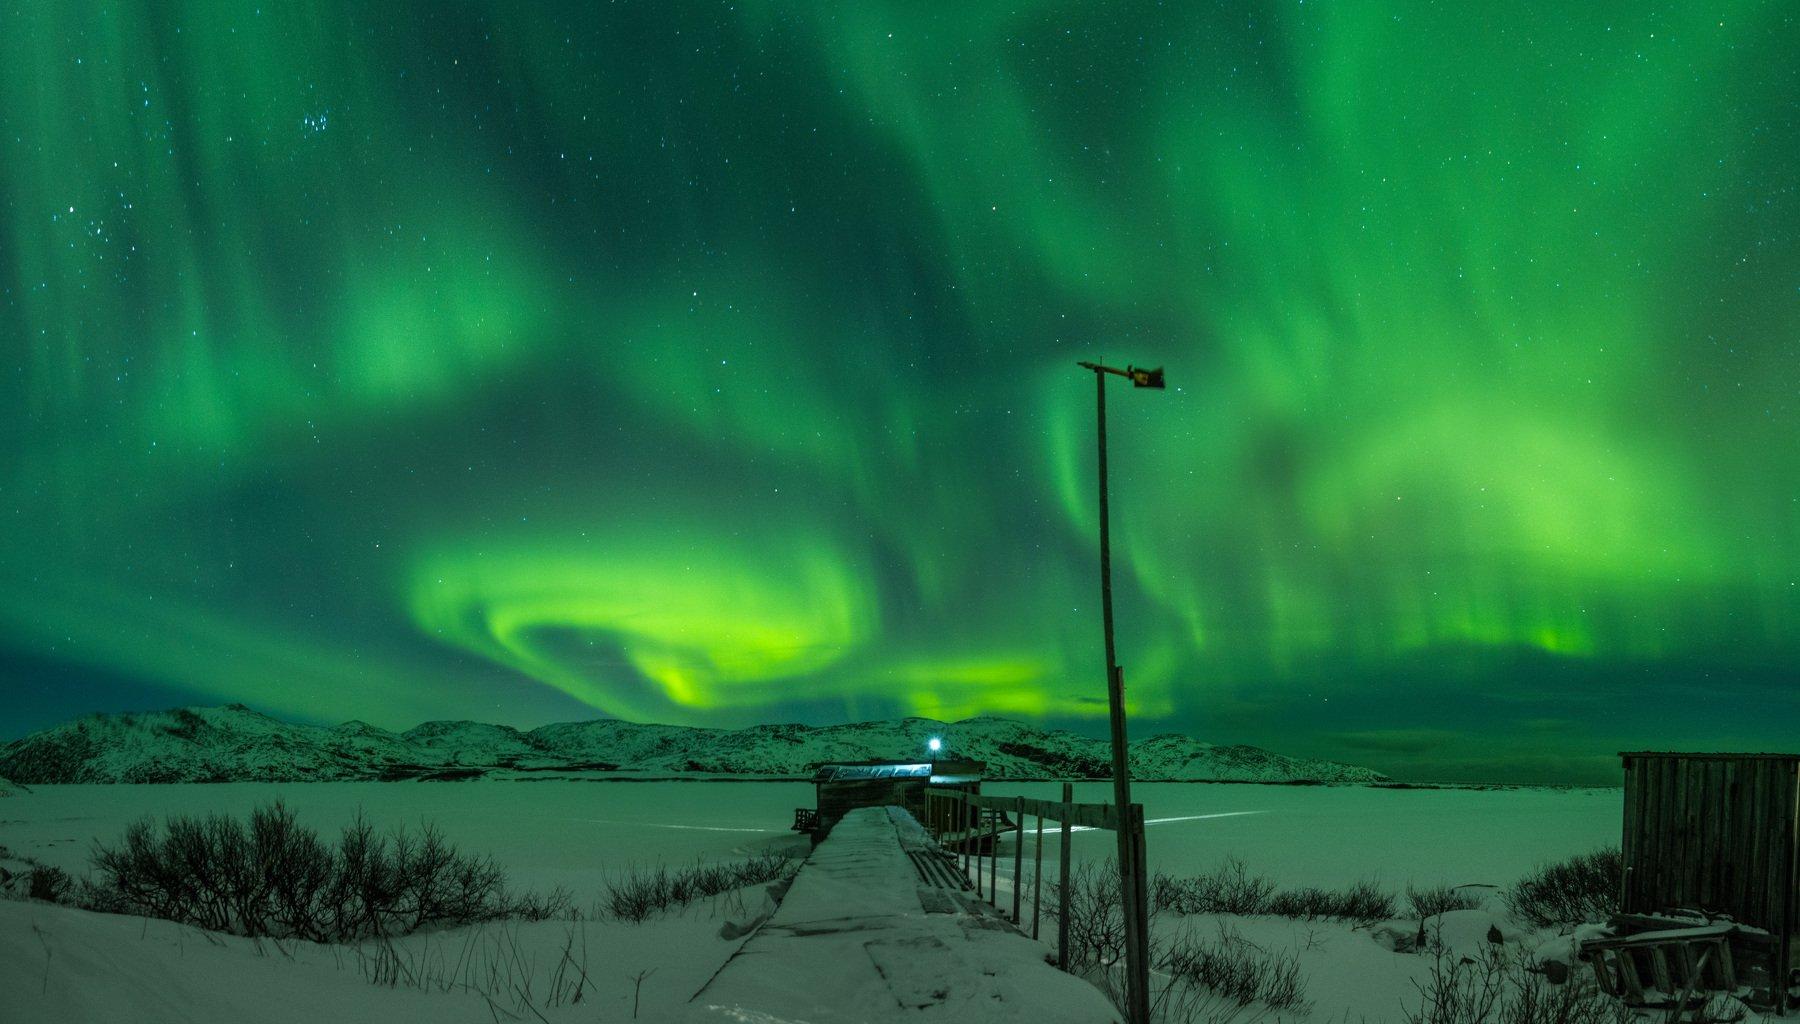 ночь, север, северное, сияние, териберка, зима, кольский, снег, Евгений Озеров